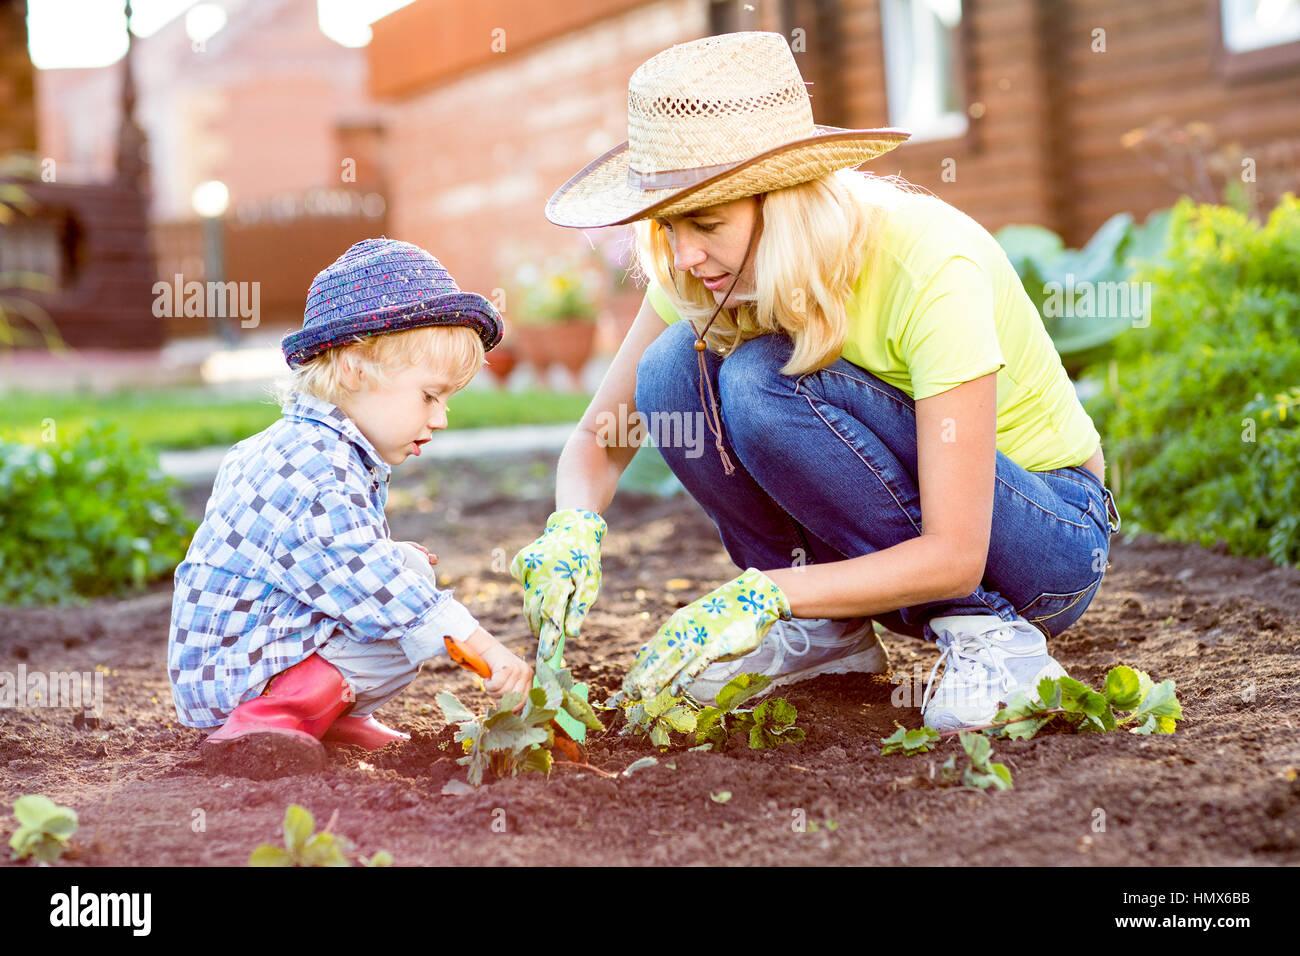 Il bambino e la madre di piantare piantine di fragola in suolo fertile al di fuori in giardino Foto Stock